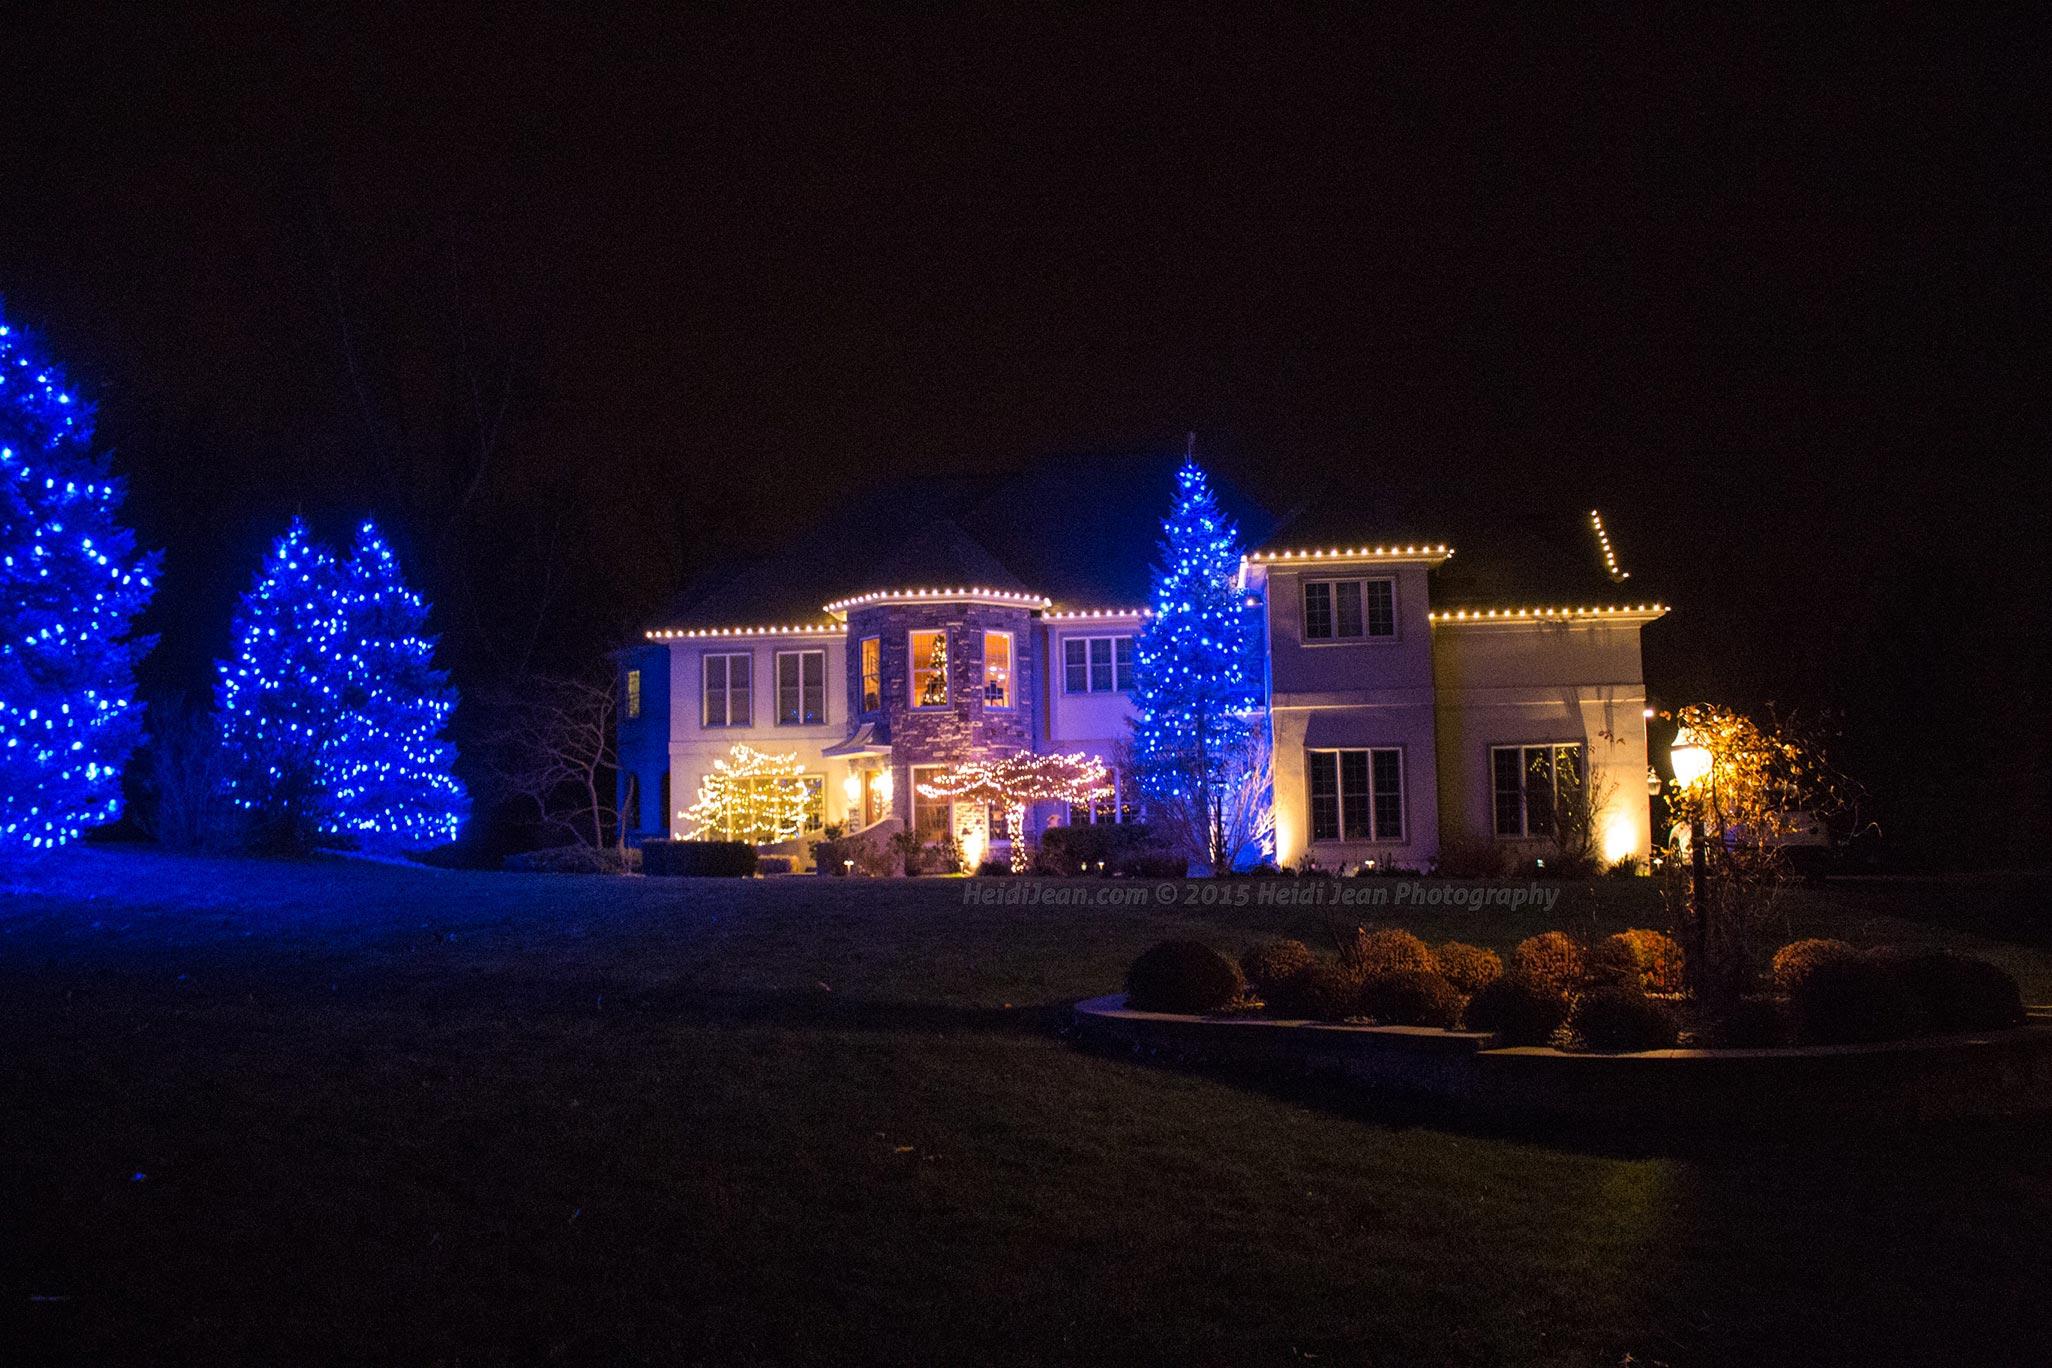 christmas light decoration company decoration image idea - C9 Warm White Led Christmas Lights